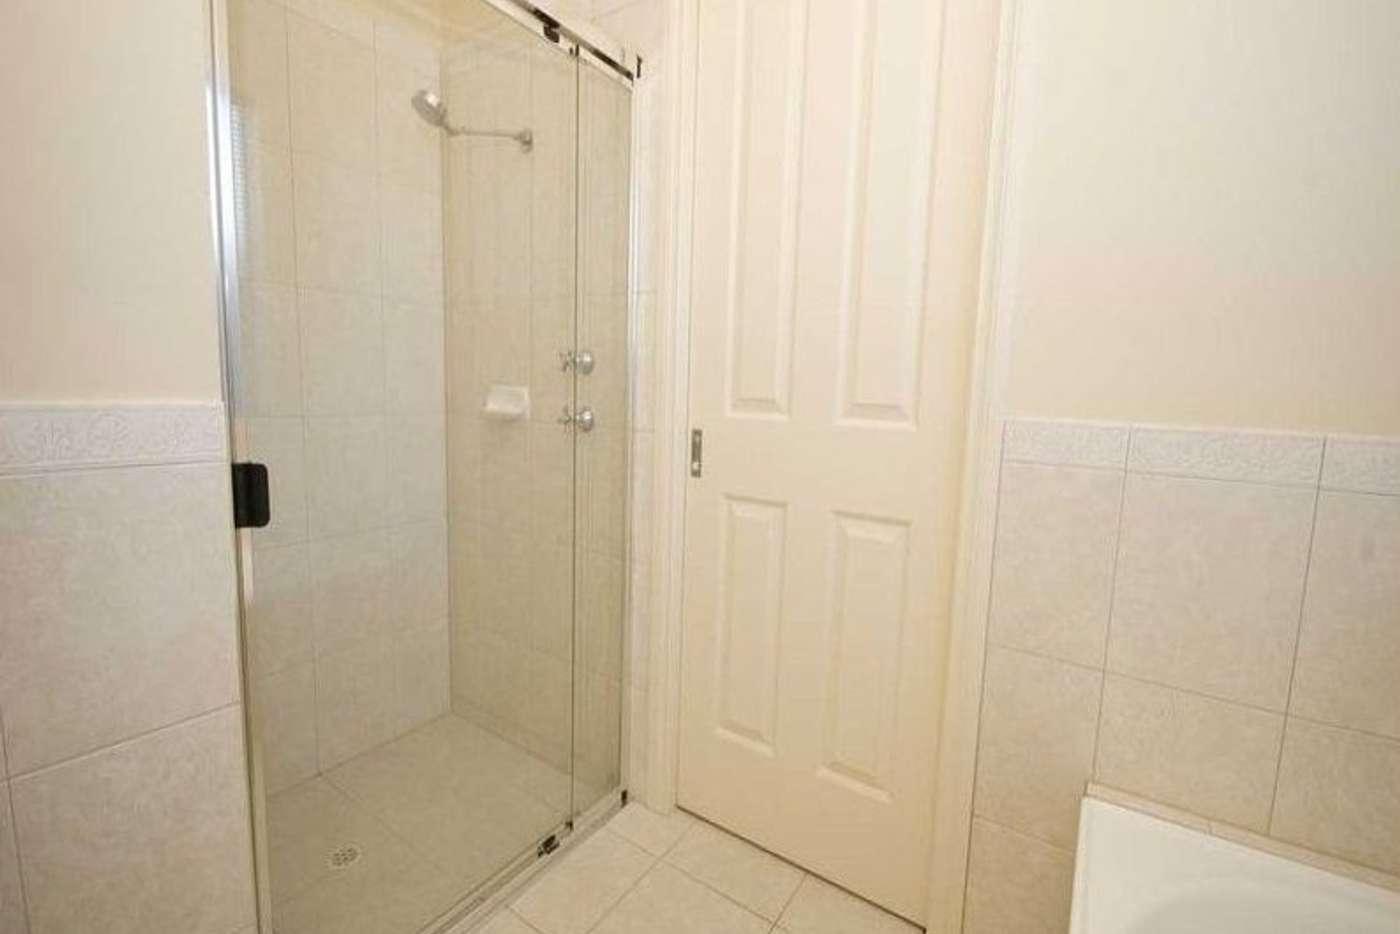 Sixth view of Homely house listing, 27B Prince Street, Alberton SA 5014